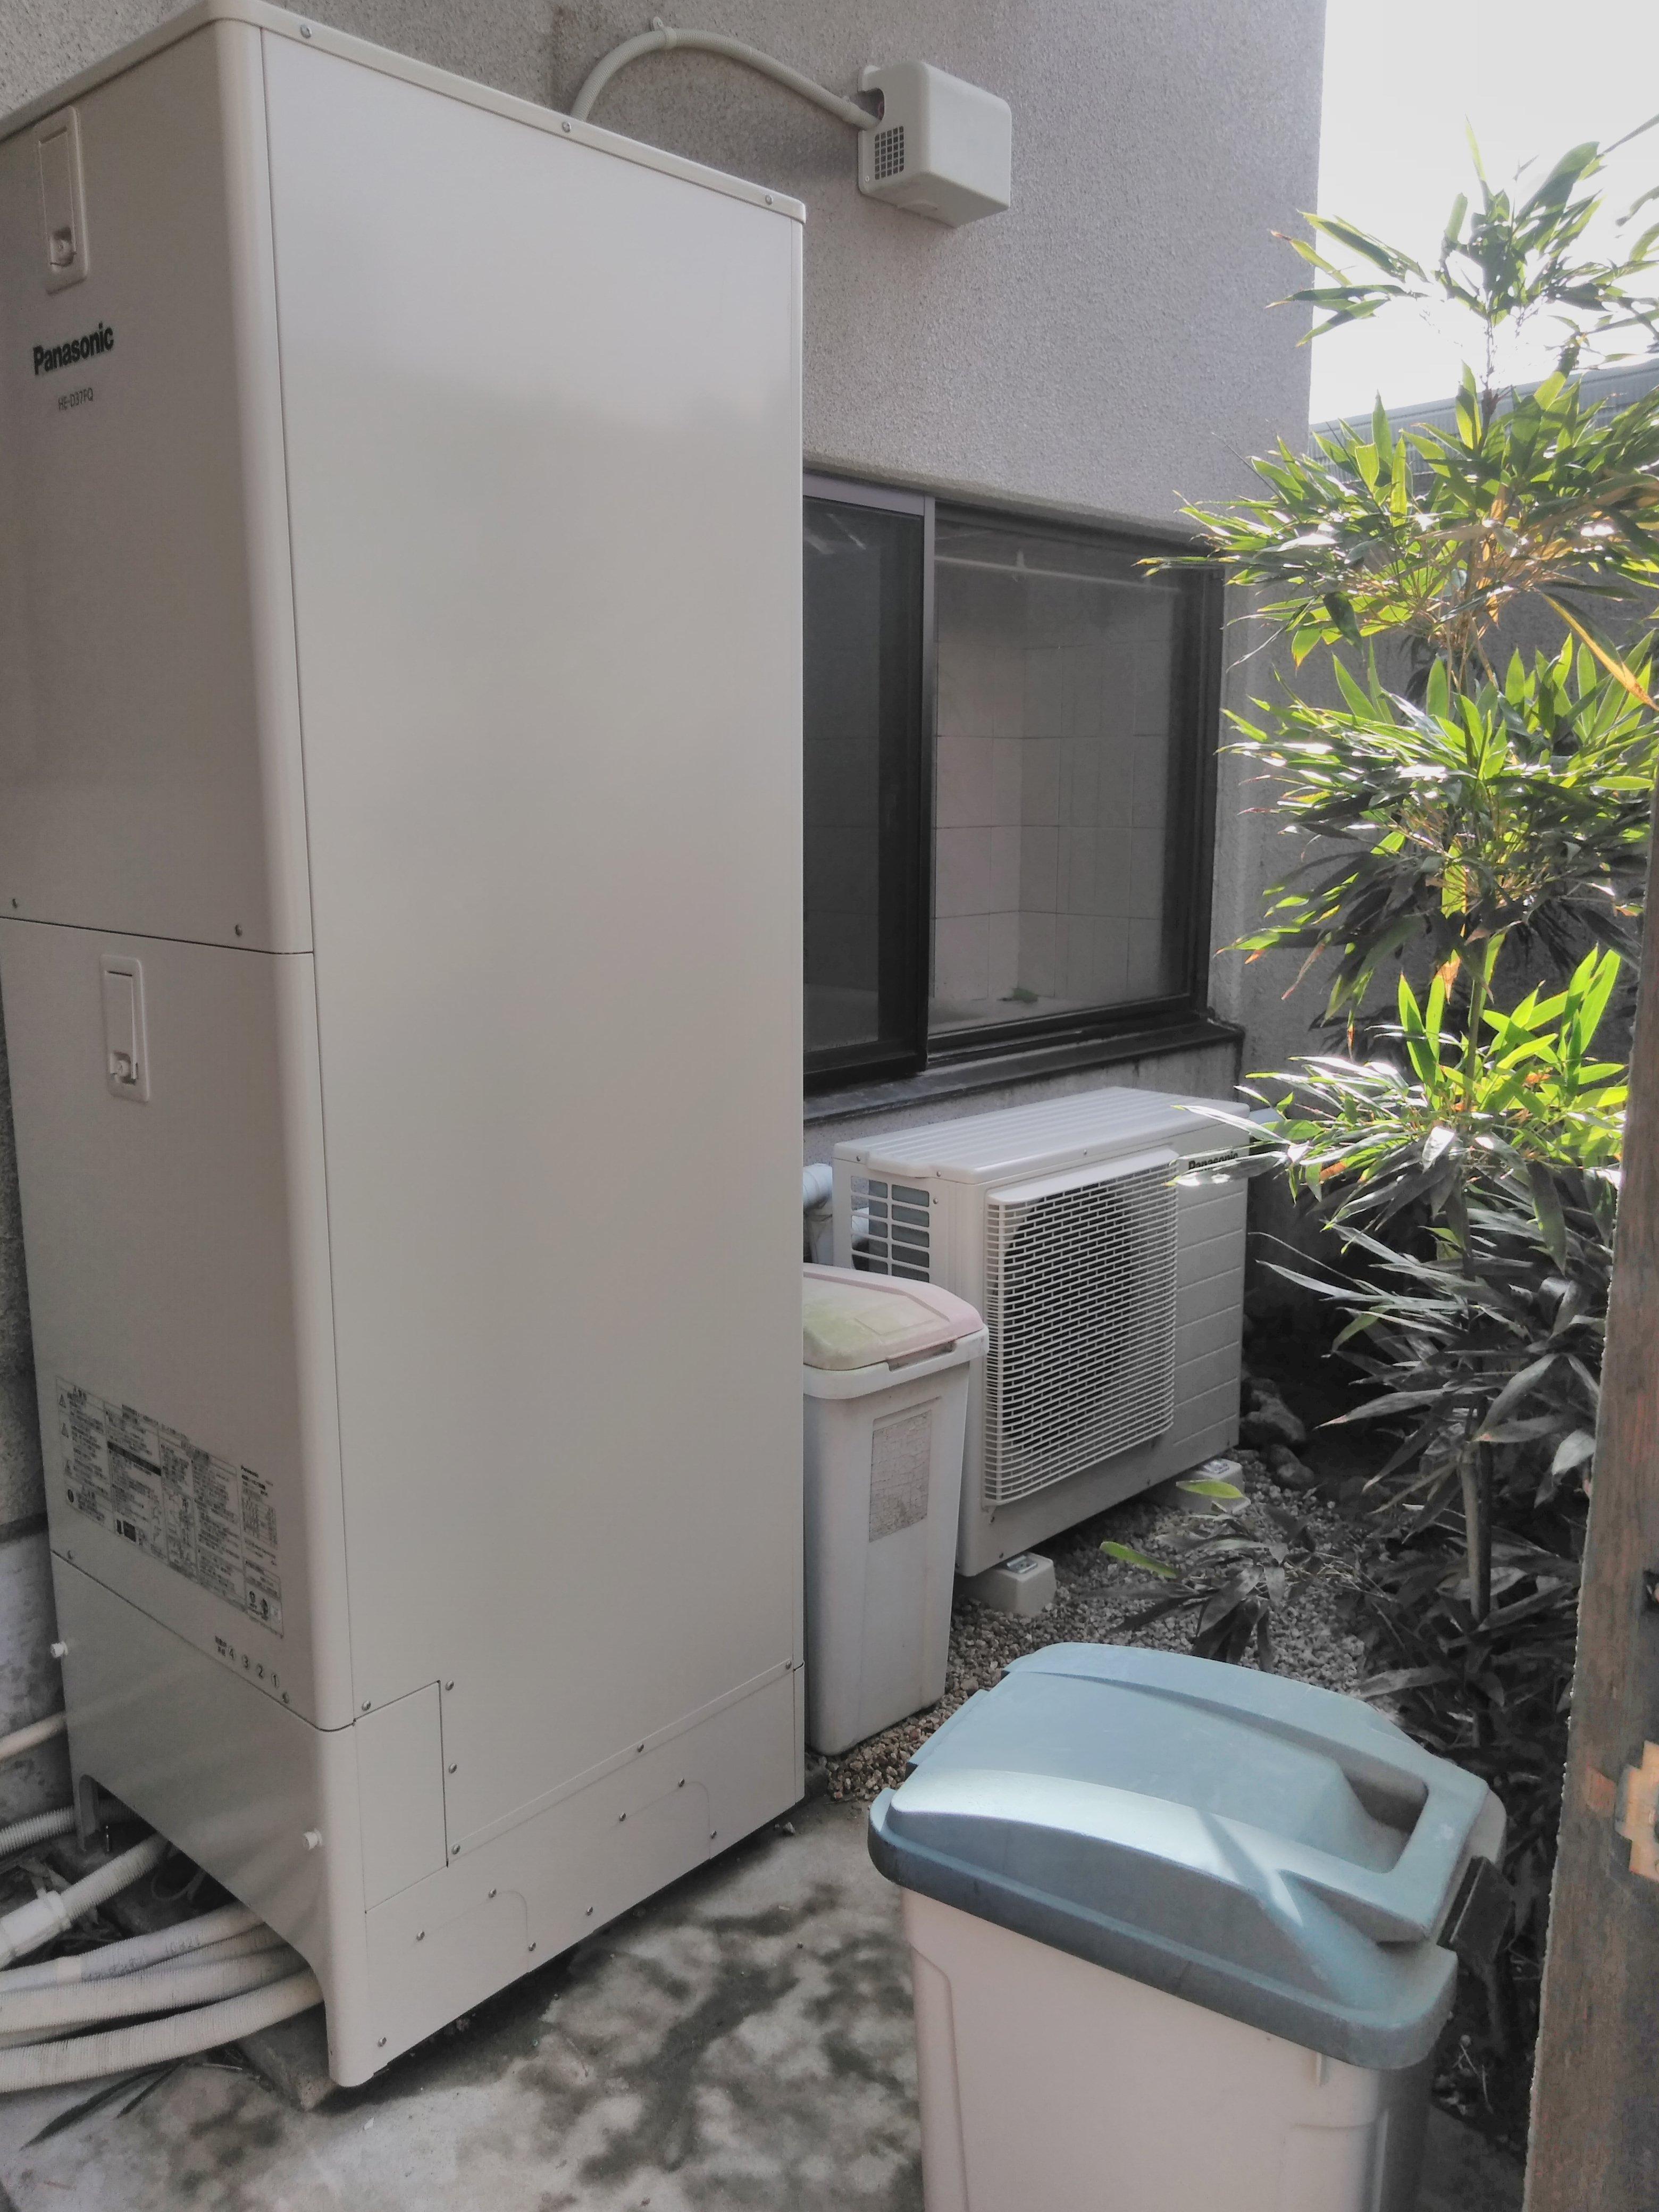 大阪府パナソニックエコキュートHE-D37Q施工後の写真